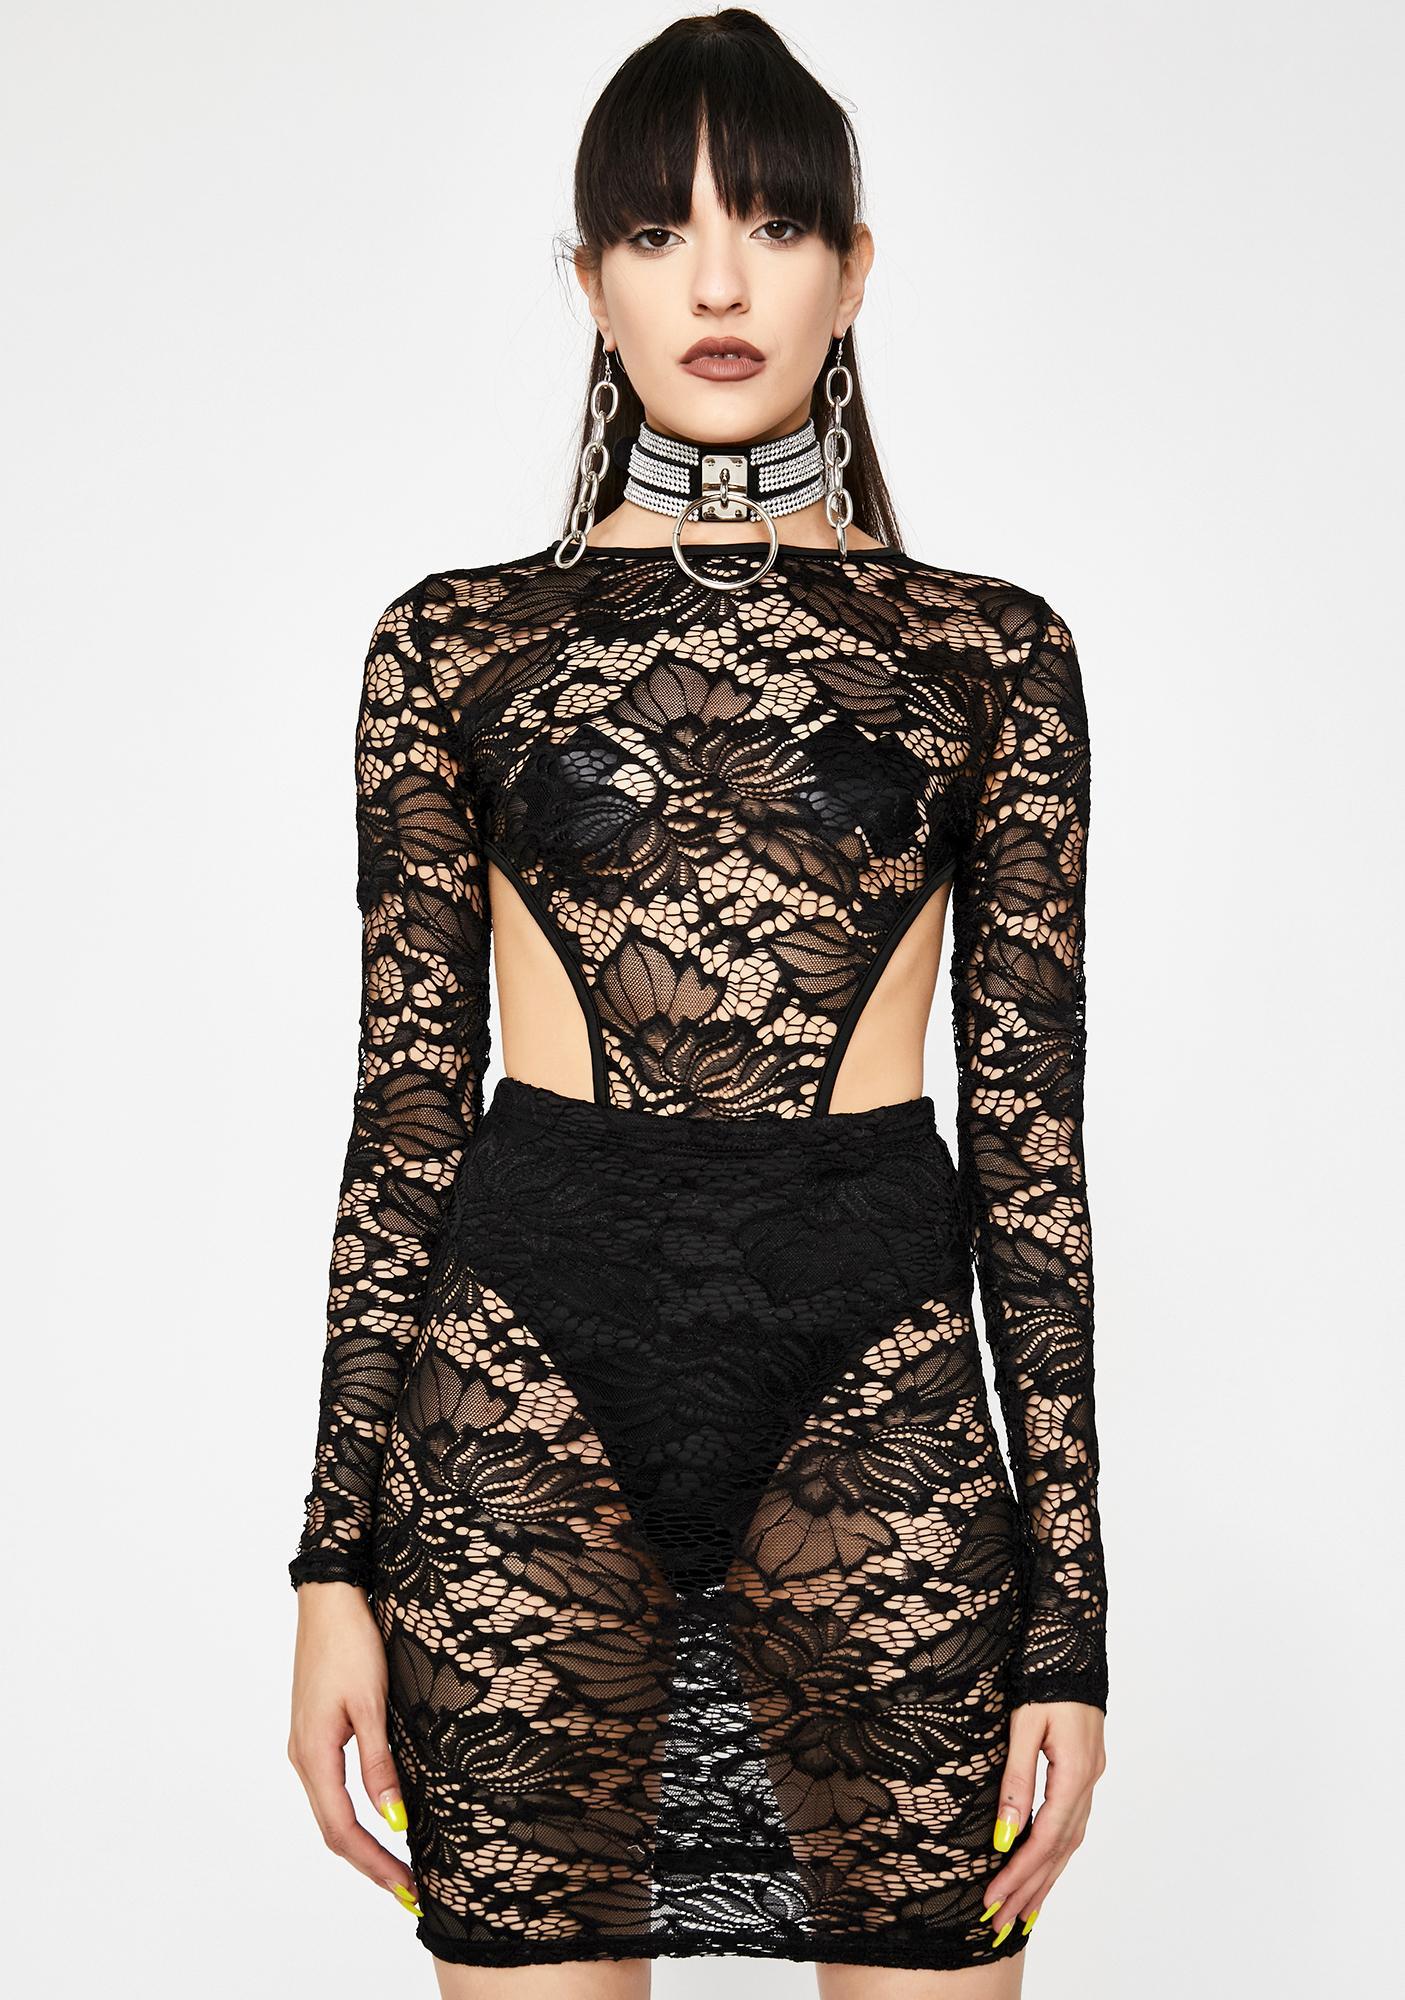 Diva Dominion Lace Dress